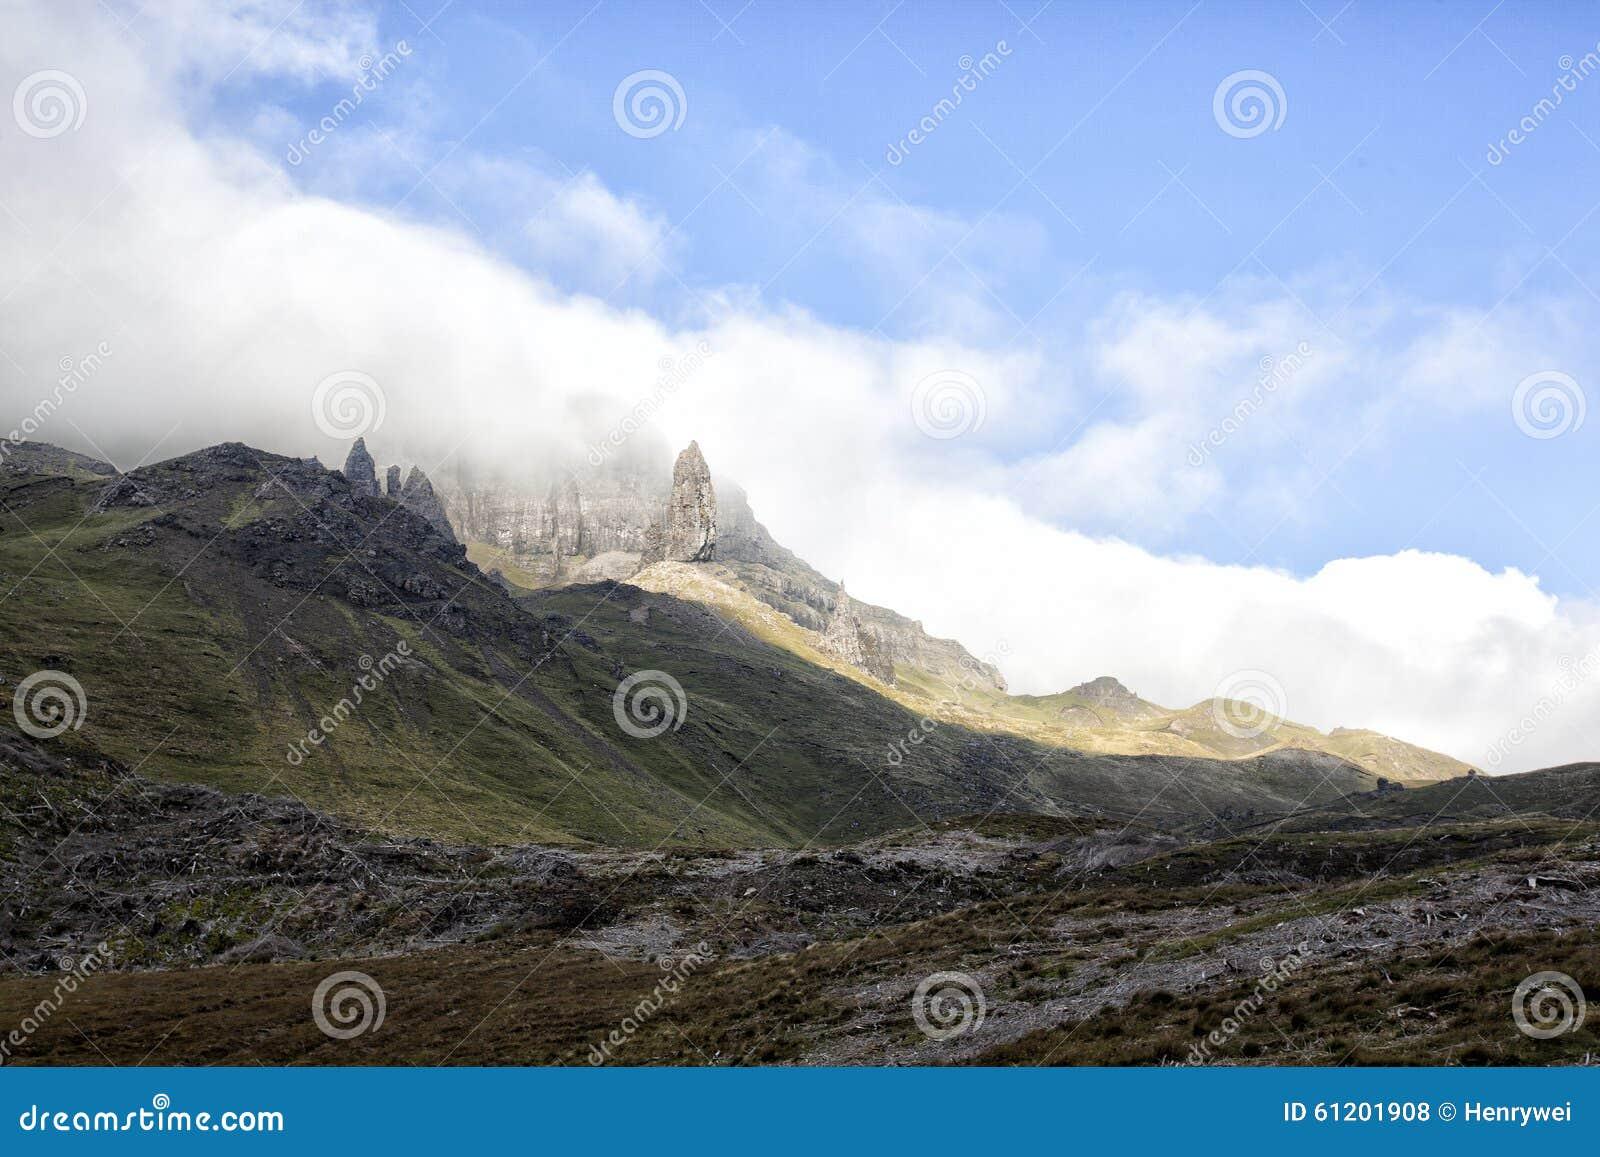 De Oude Man van Storr op het Eiland van Skye in de Hooglanden van Schotland